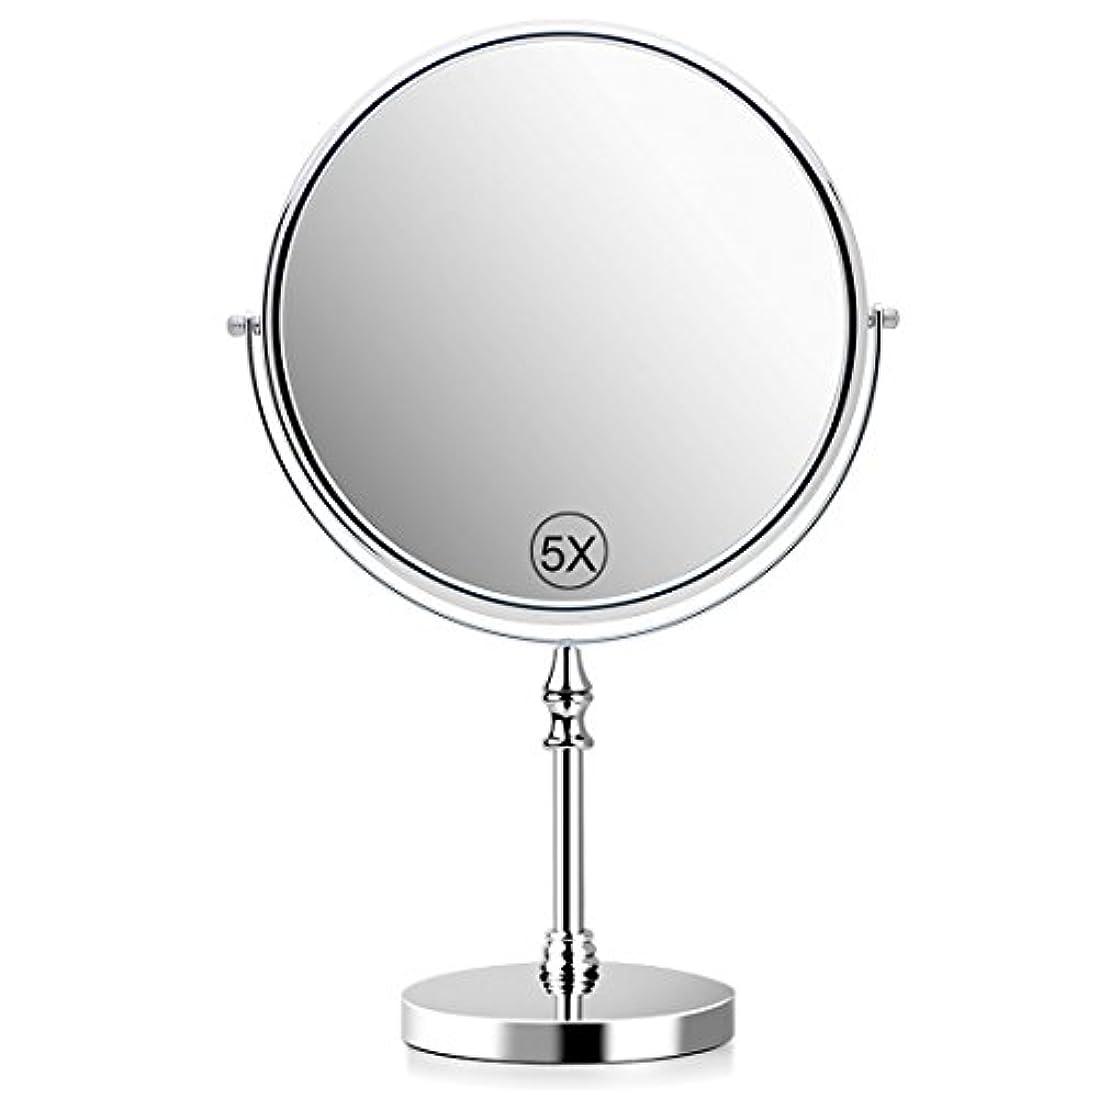 5倍拡大鏡 化粧鏡 卓上鏡 化粧ミラー 等倍鏡 両面型 360度回転式 60度回転 直径20cm